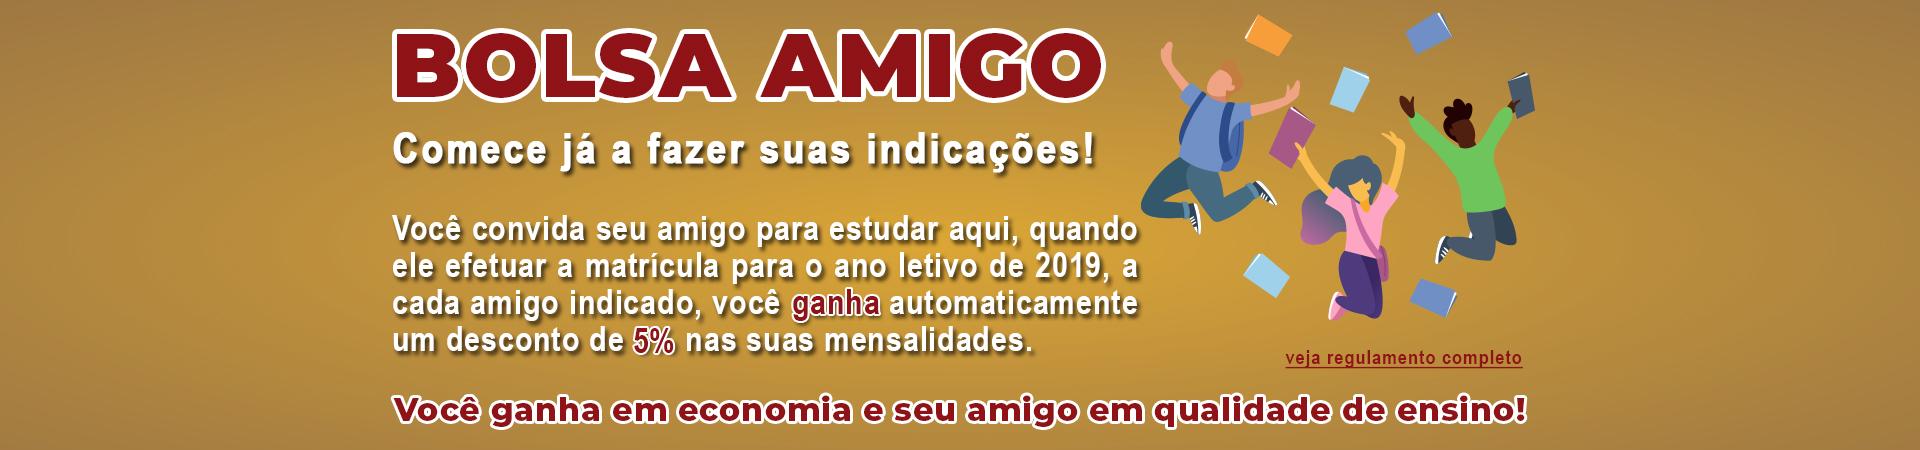 slide-bolsa-amigo-2019